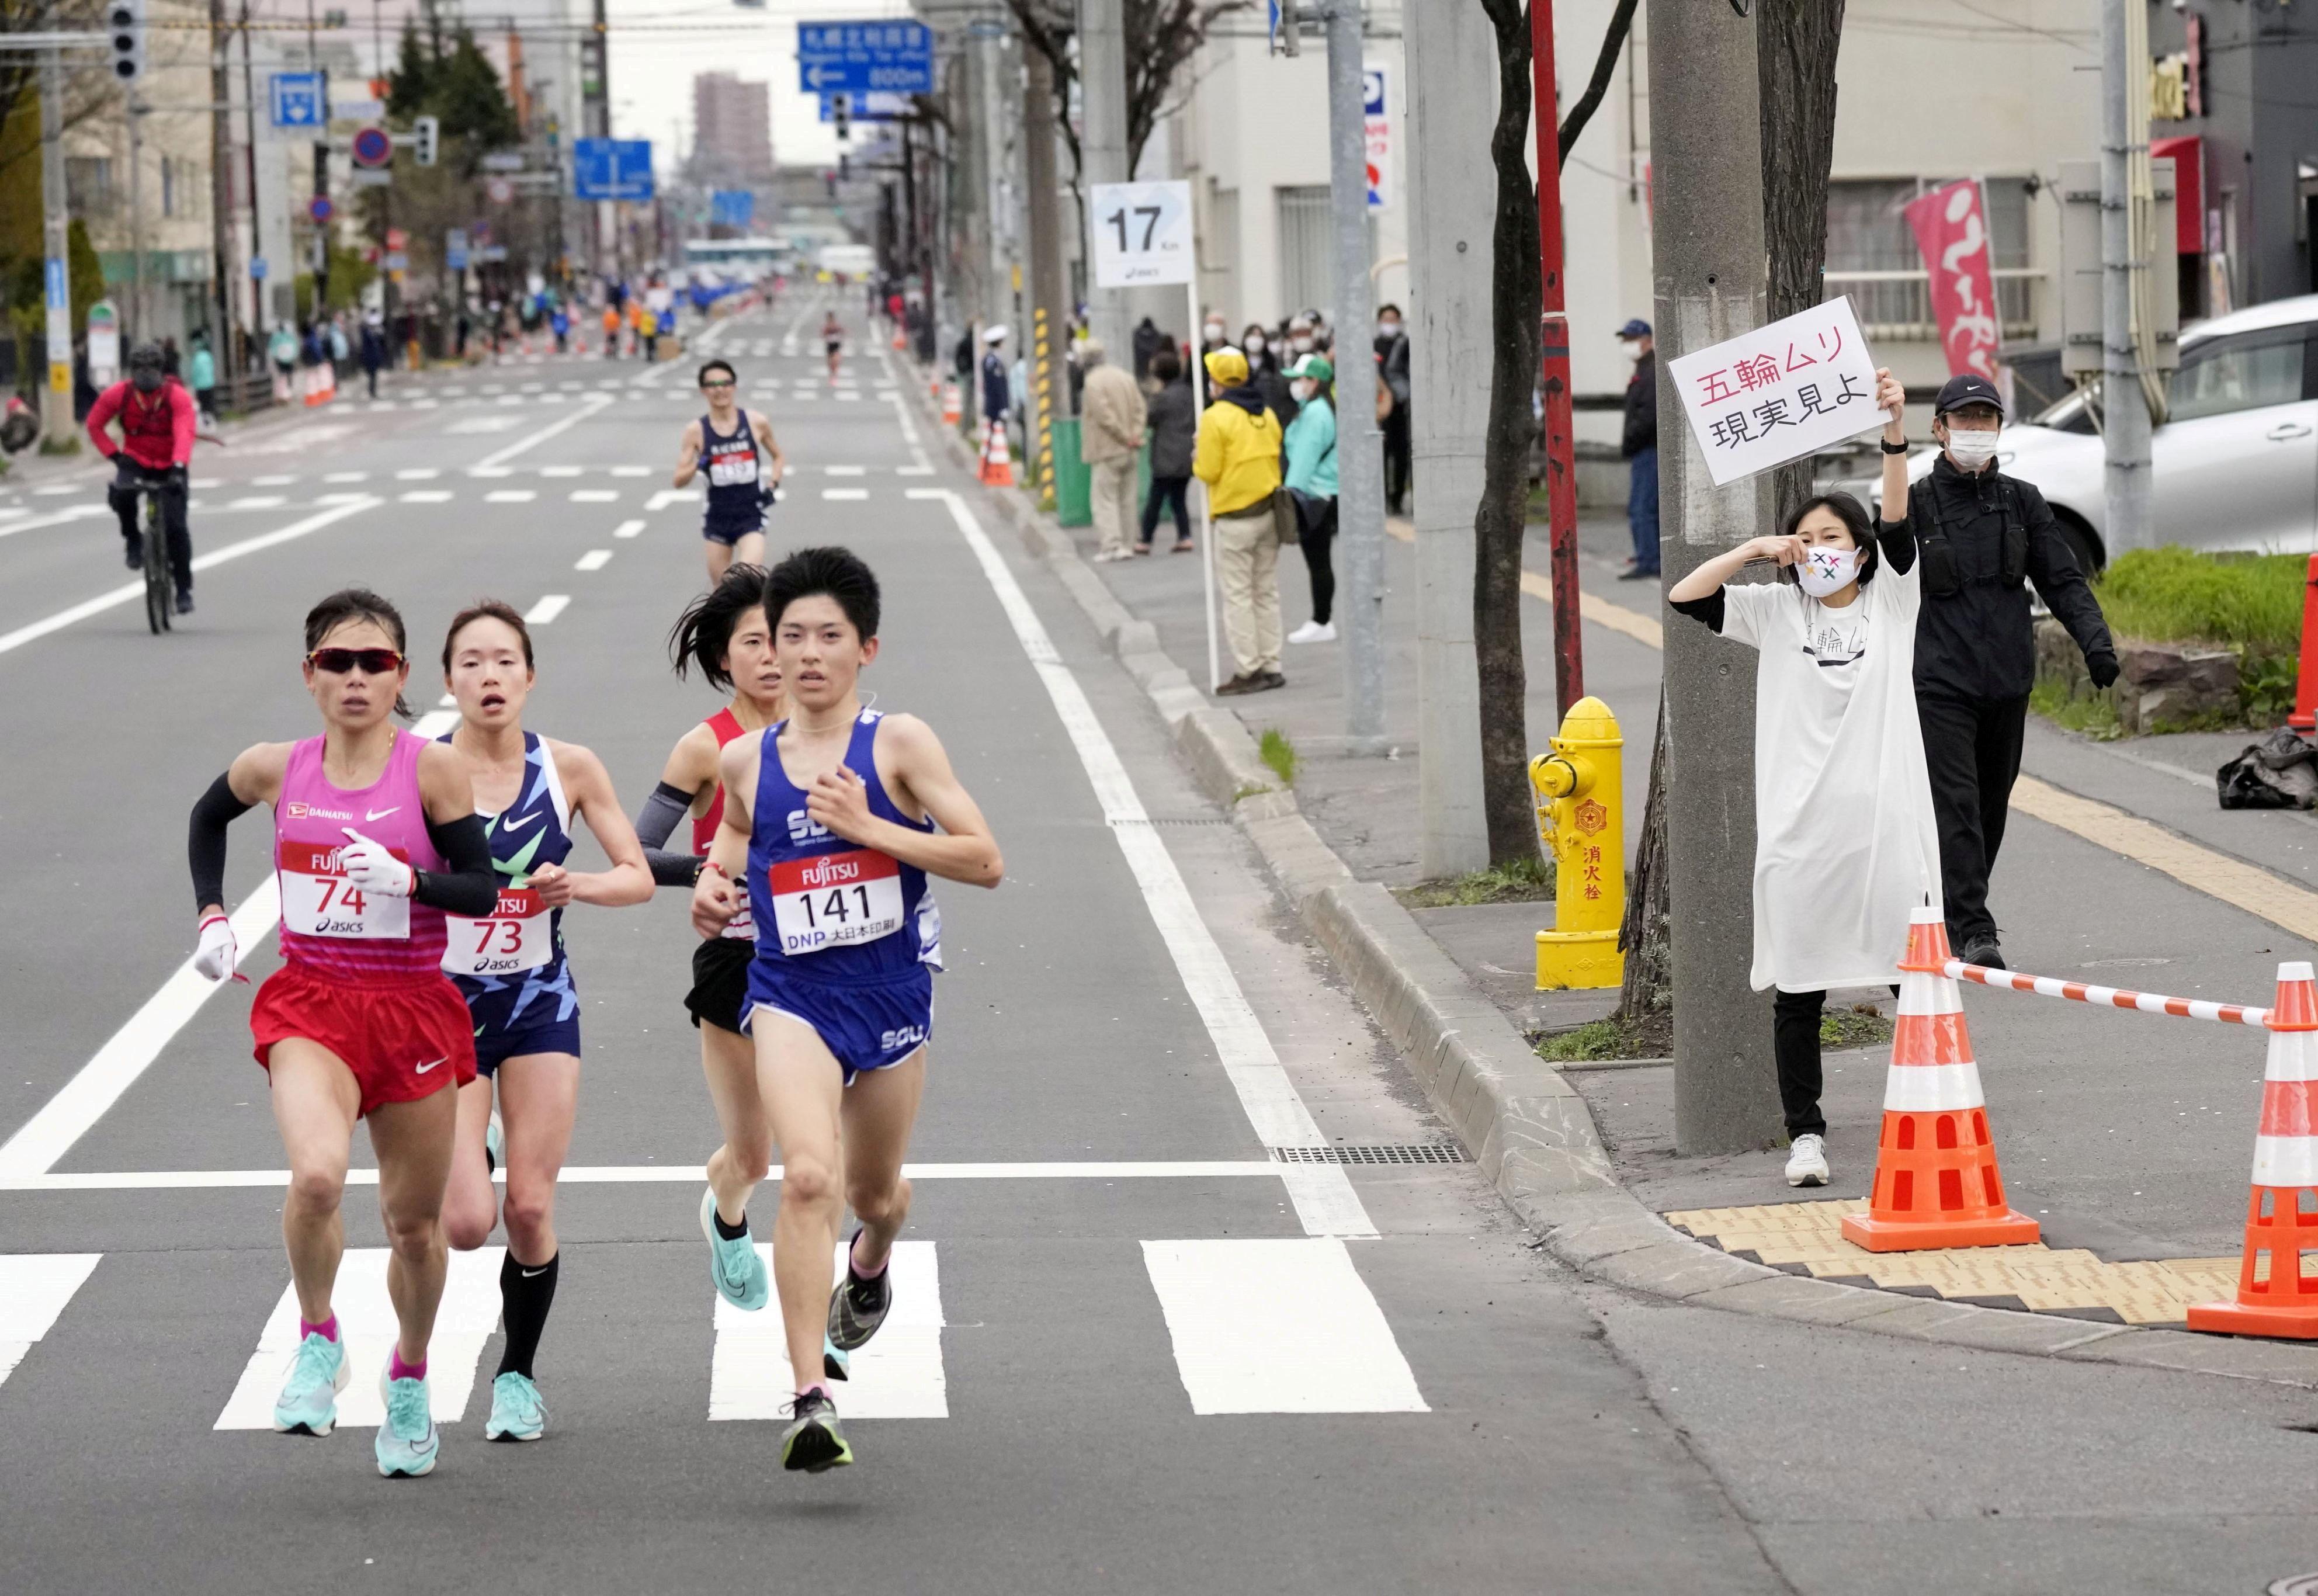 si no puedo trotar al menos 6 kilómetros entonces no tiene sentido anotarme en una carrera de 10km (Reuters)